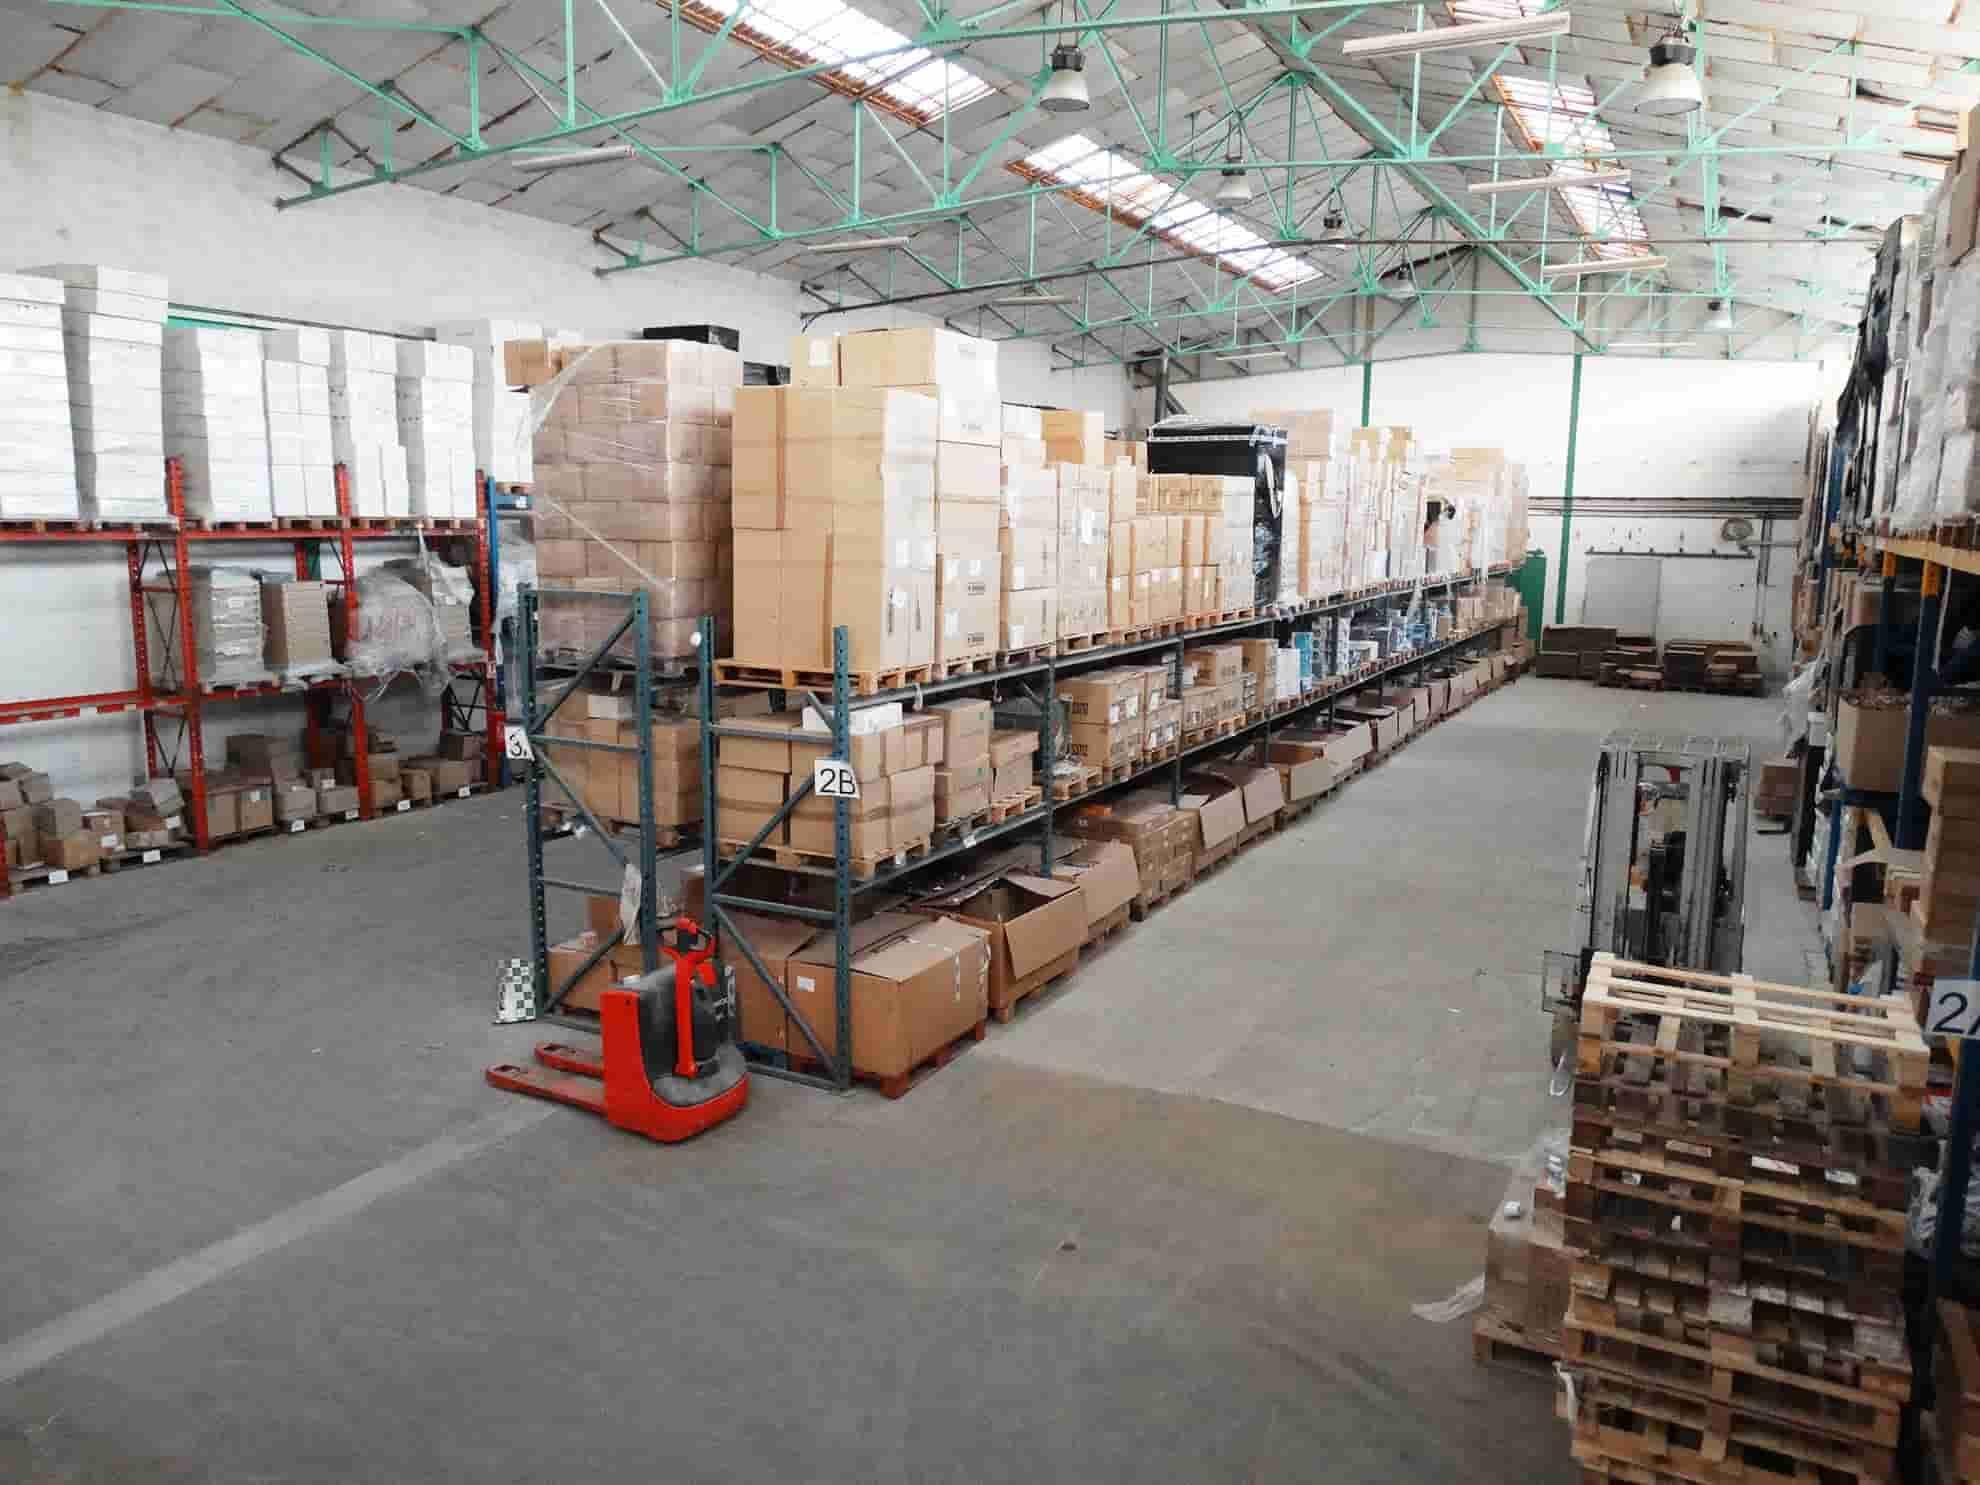 grand entrepôt de destockage de produits de maroquinerie et de vêtements, vu d'en haut